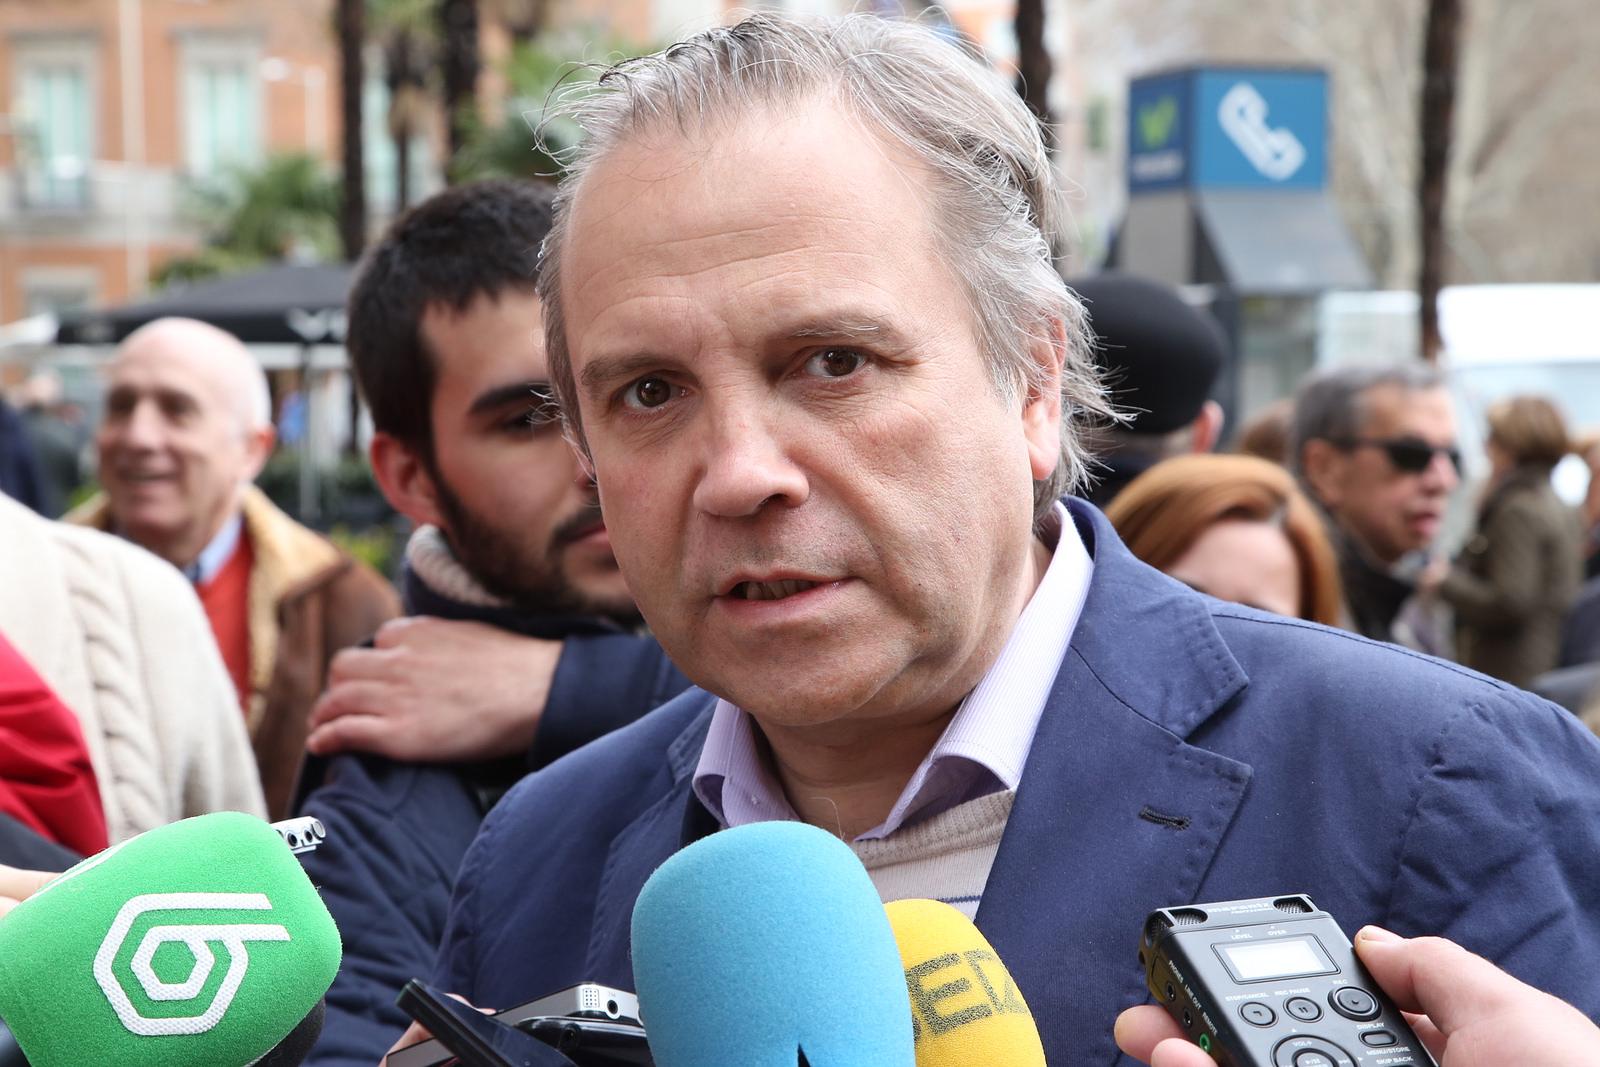 AntonioMiguelCarmona